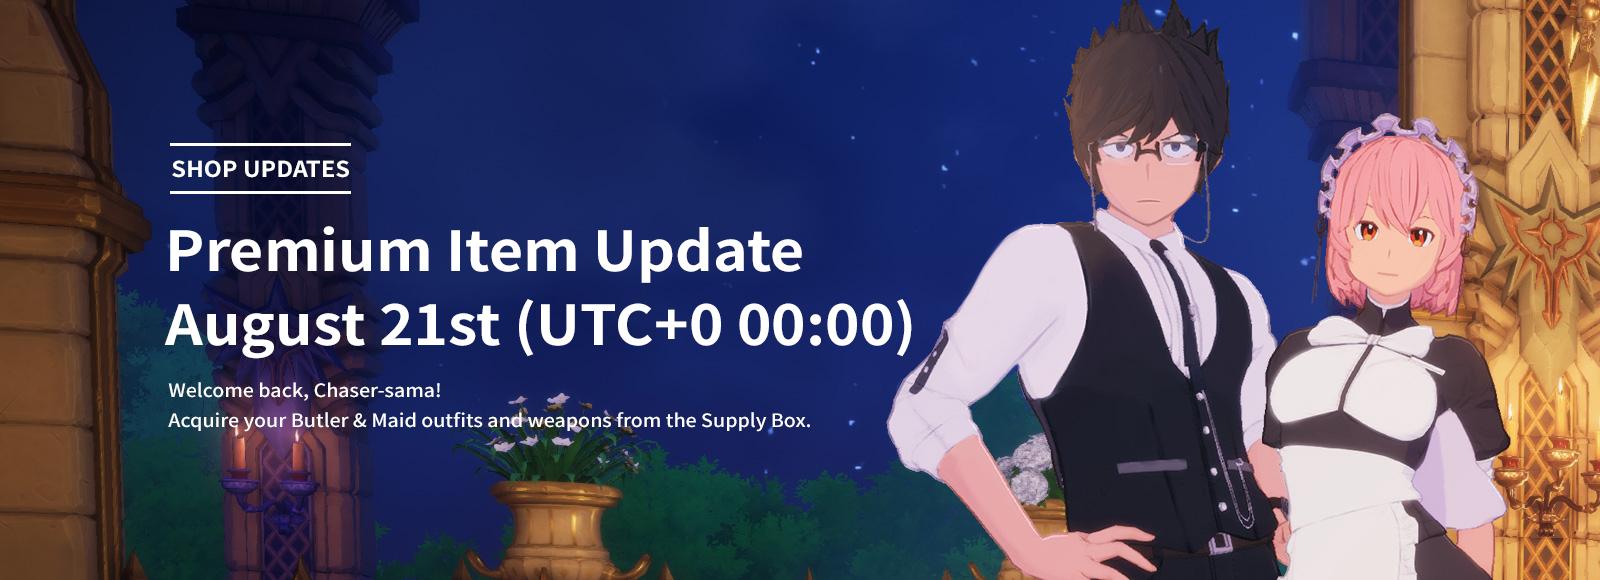 August 21st Premium Item Update